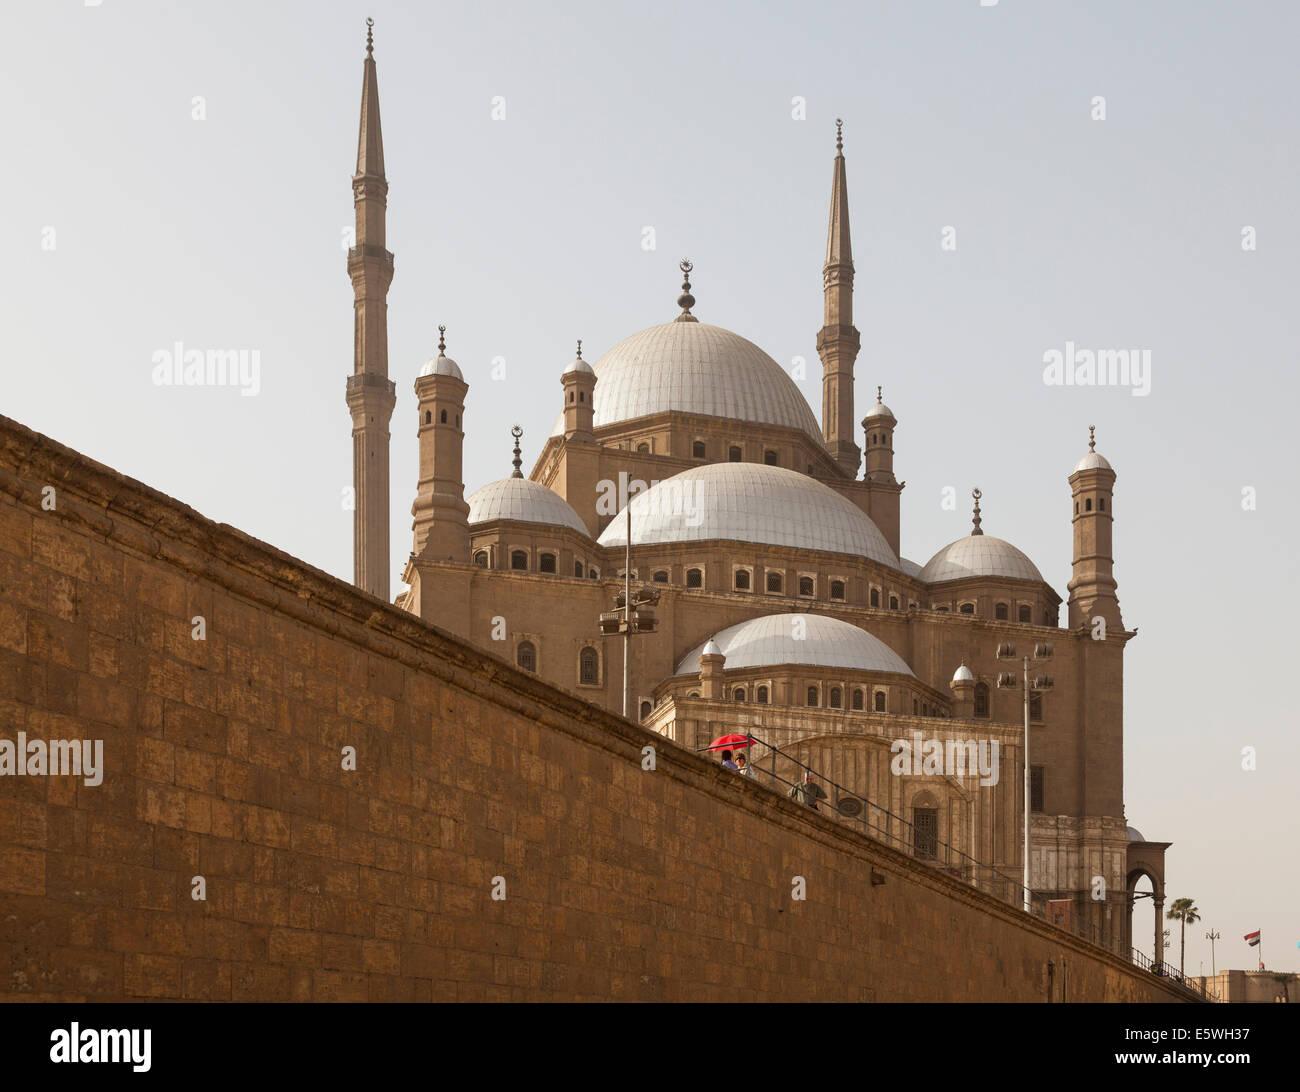 La moschea di alabastro o moschea di Muhammad Ali Pasha nella Cittadella del Cairo, Egitto Immagini Stock